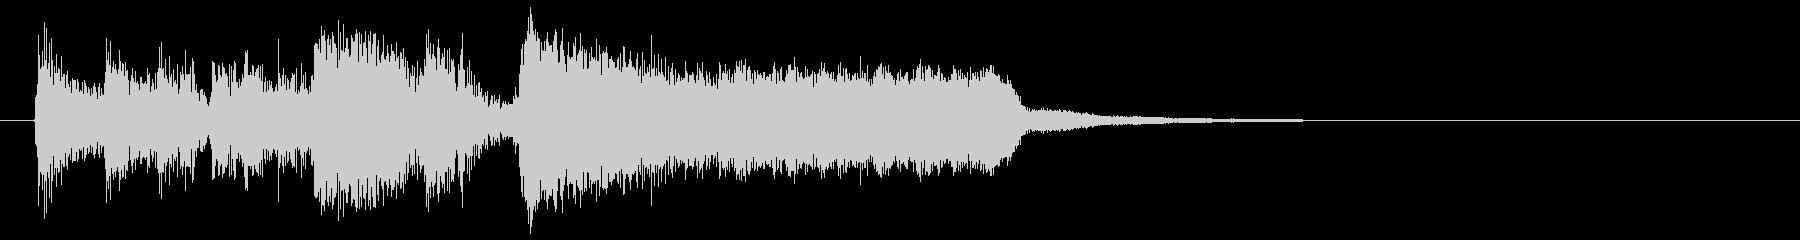 ド派手で盛り上がるサンバ系のサウンドロゴの未再生の波形